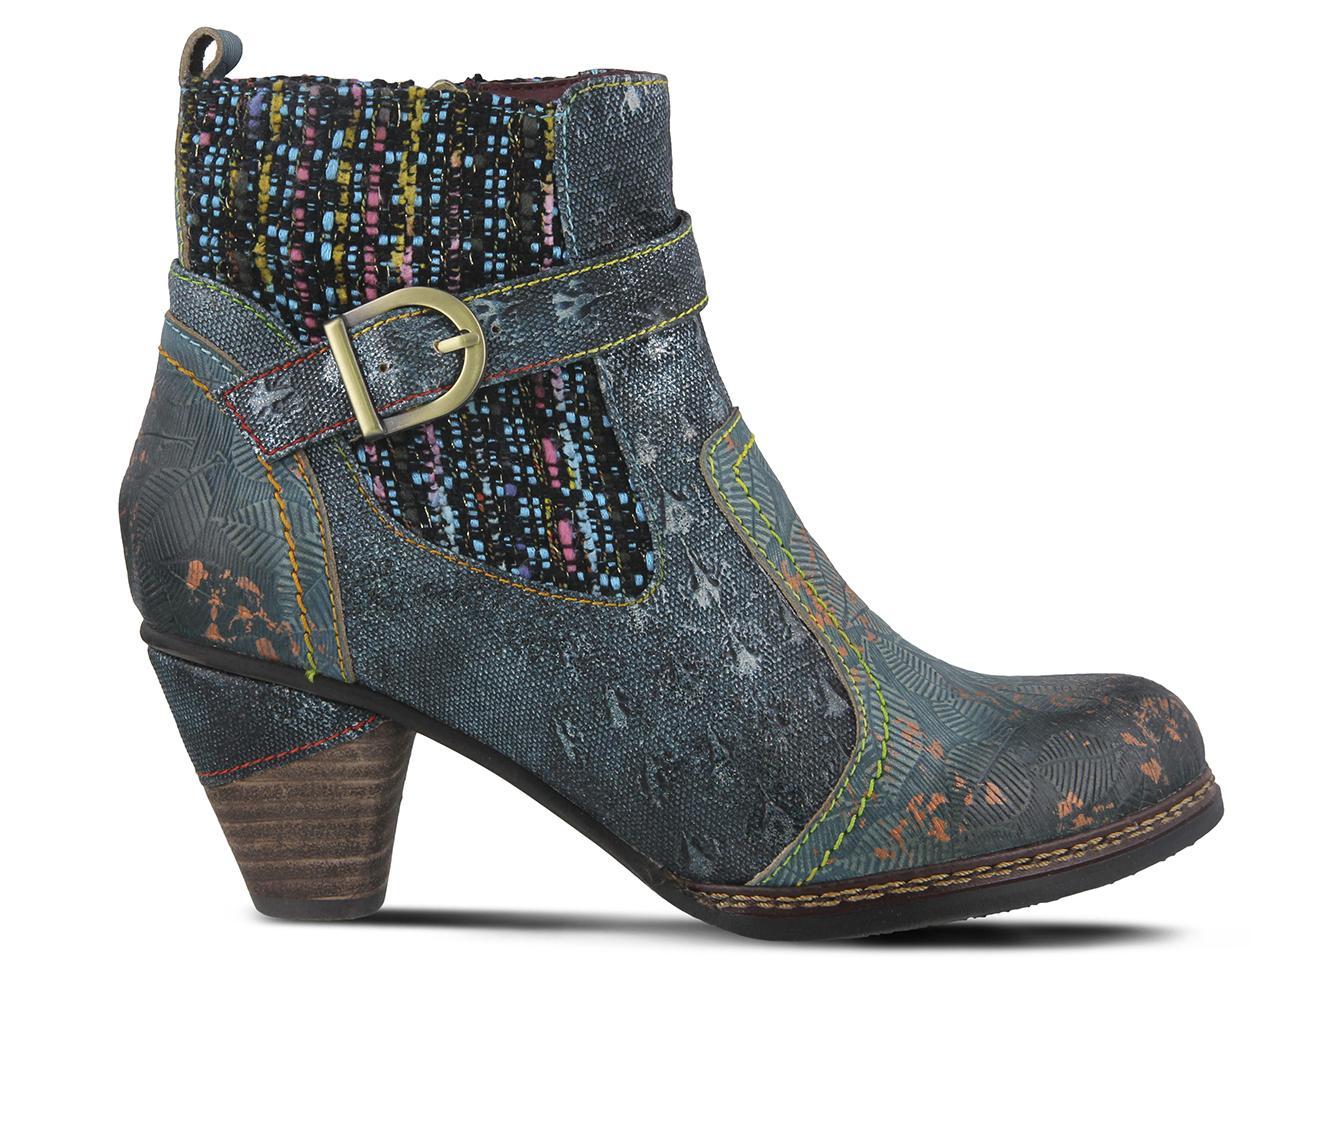 L'Artiste Nancies Women's Boots (Blue Leather)